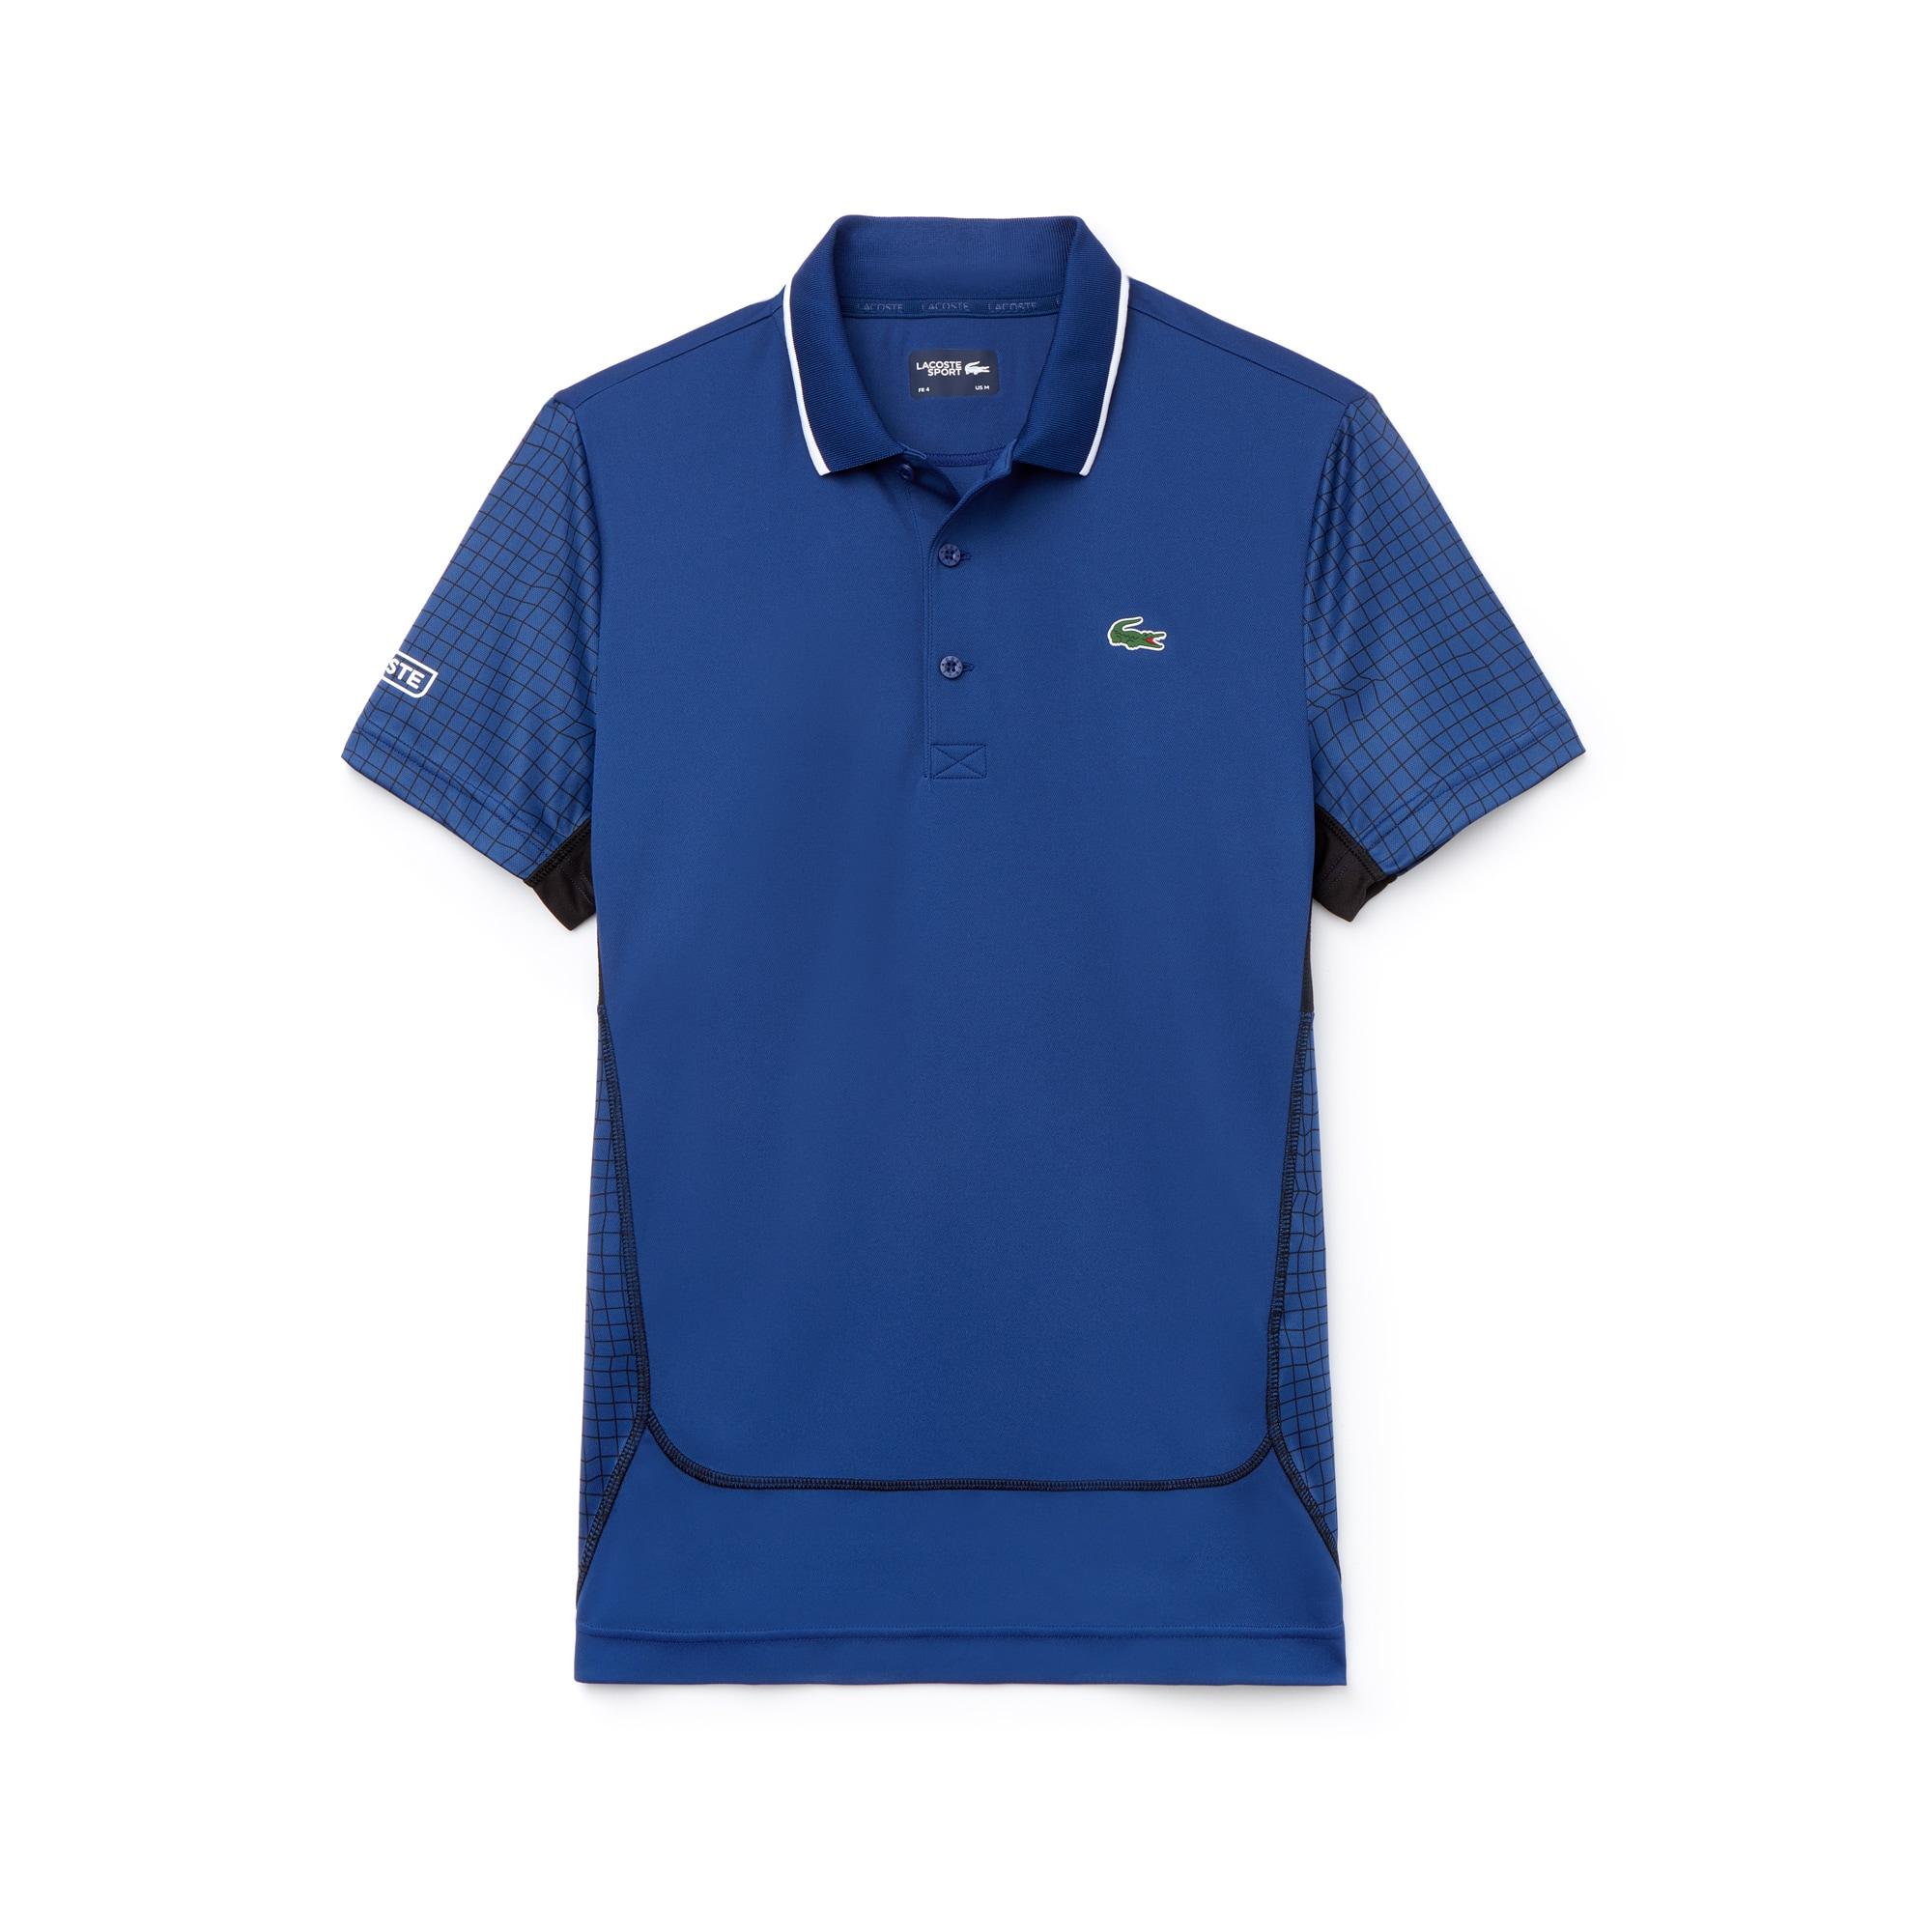 라코스테 Lacoste Mens SPORT Net Print Pique Tennis Polo,navy blue / black / black / black / white